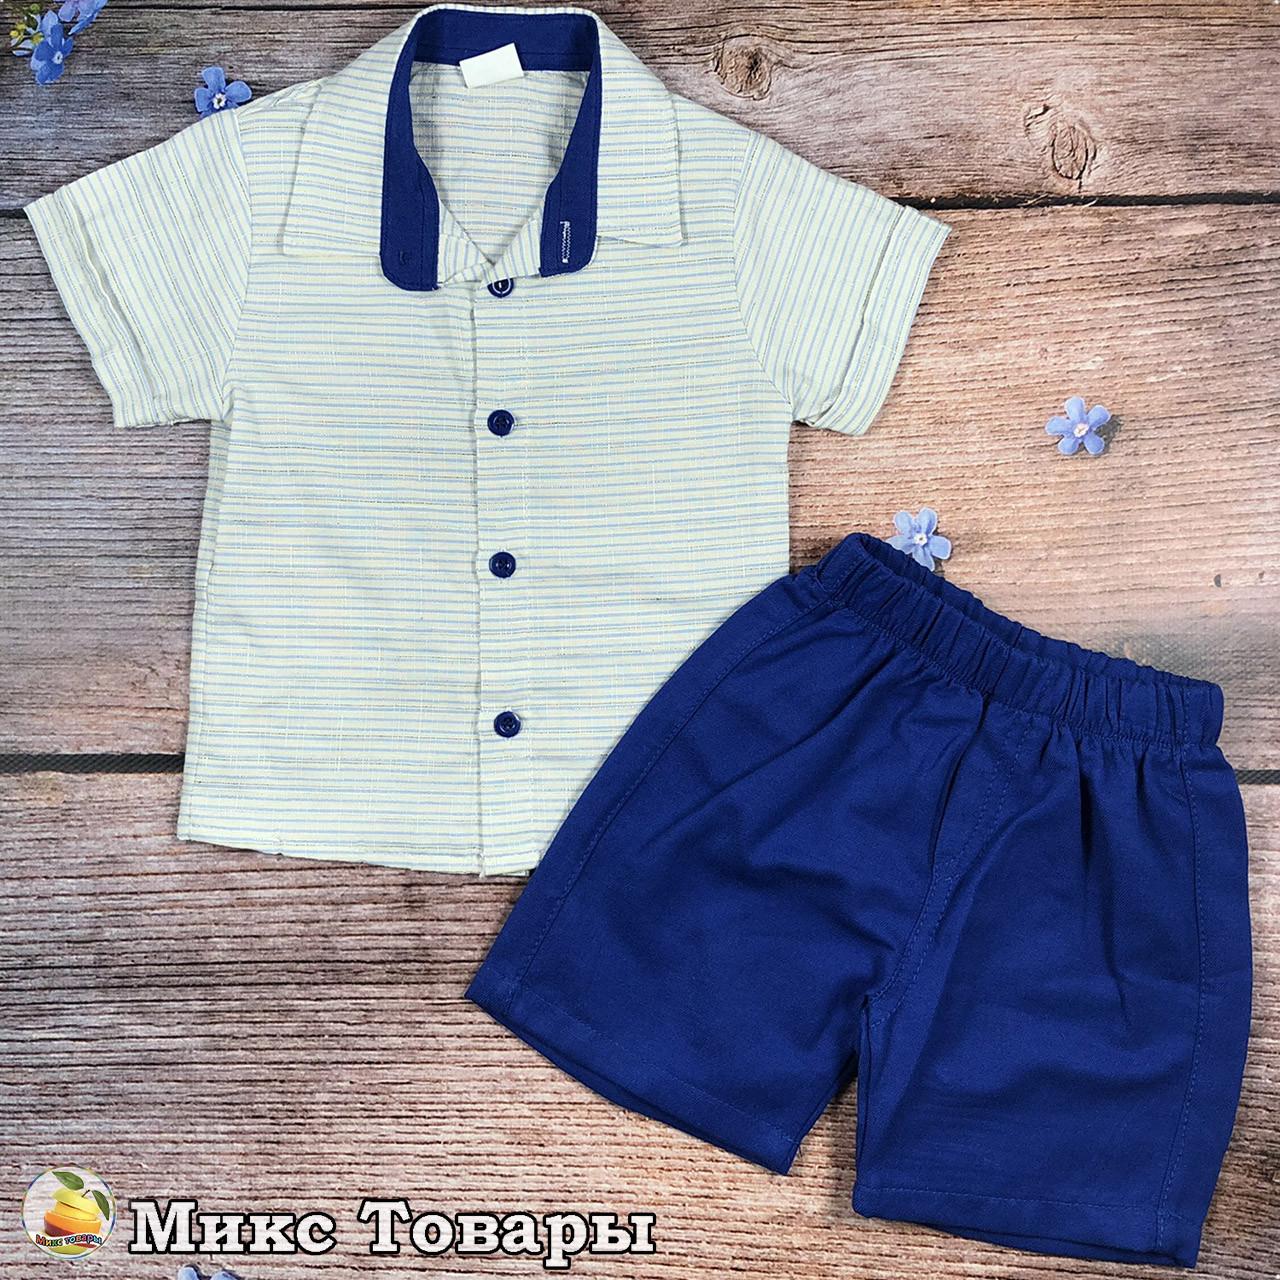 Летний костюм с шортами и рубашкой для мальчика Размеры: 1,2,3,4 года (8504-4)